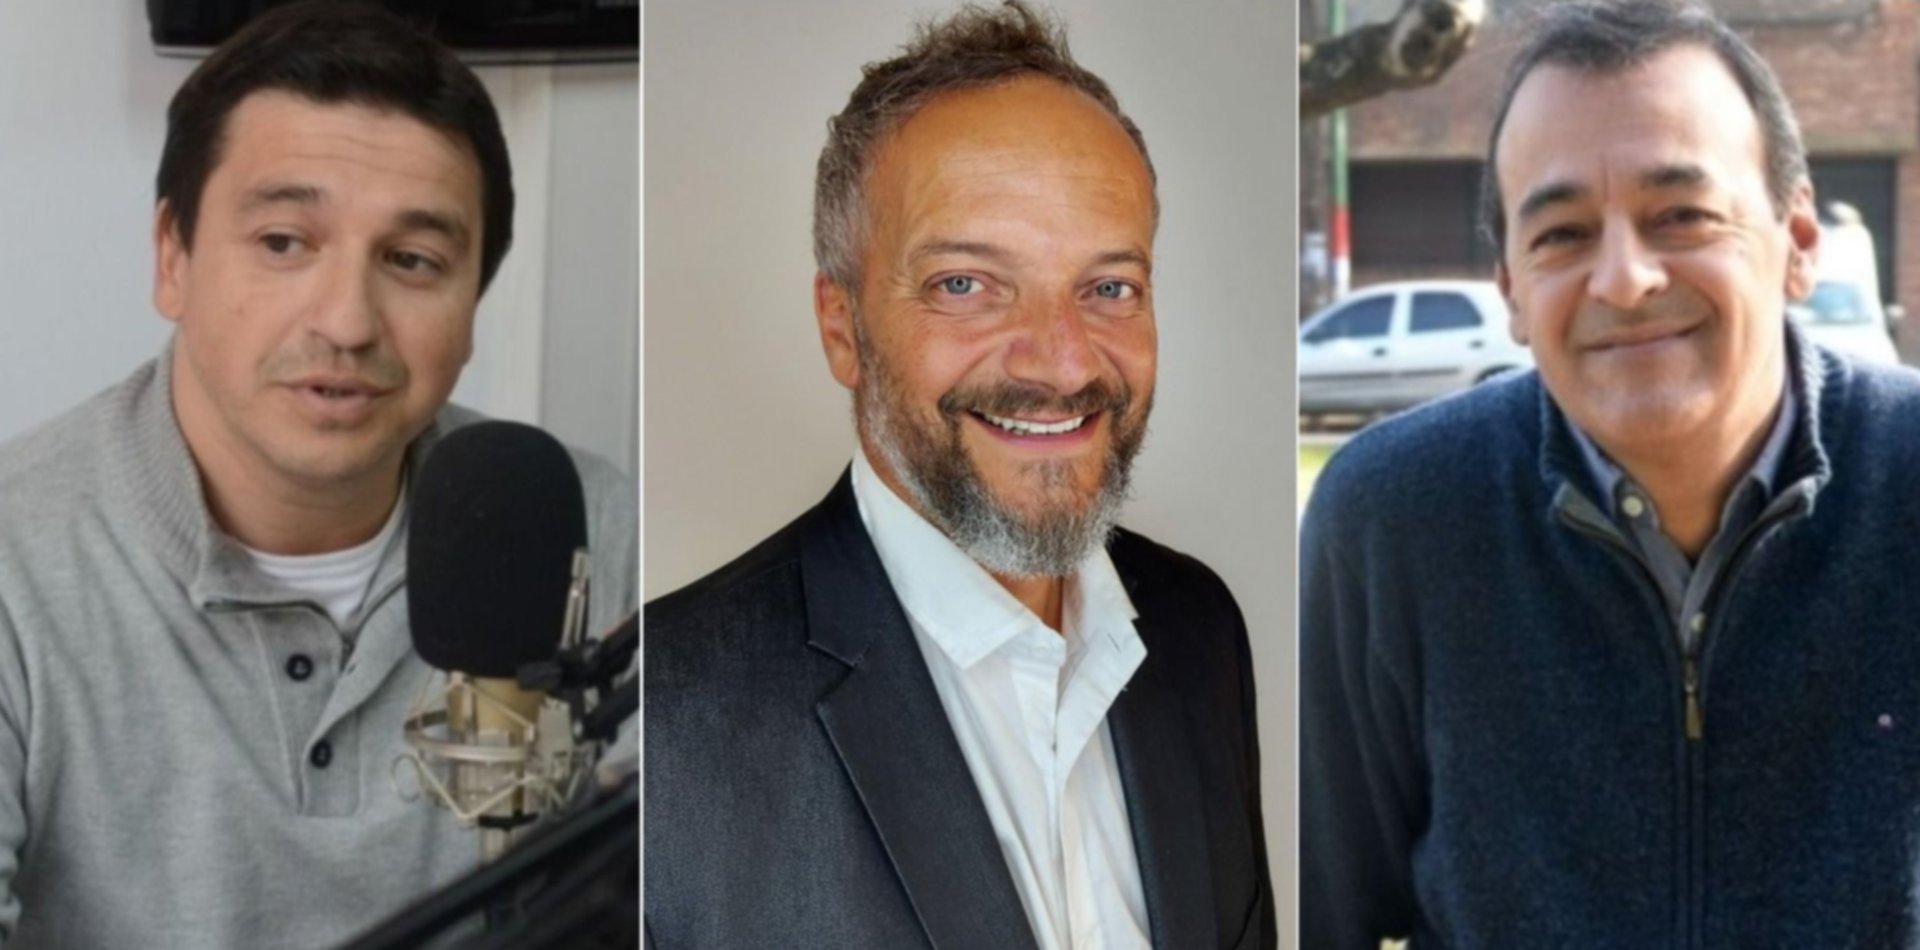 El regreso de los candidatos sin piso: nunca superan las PASO pero vuelven a intentarlo